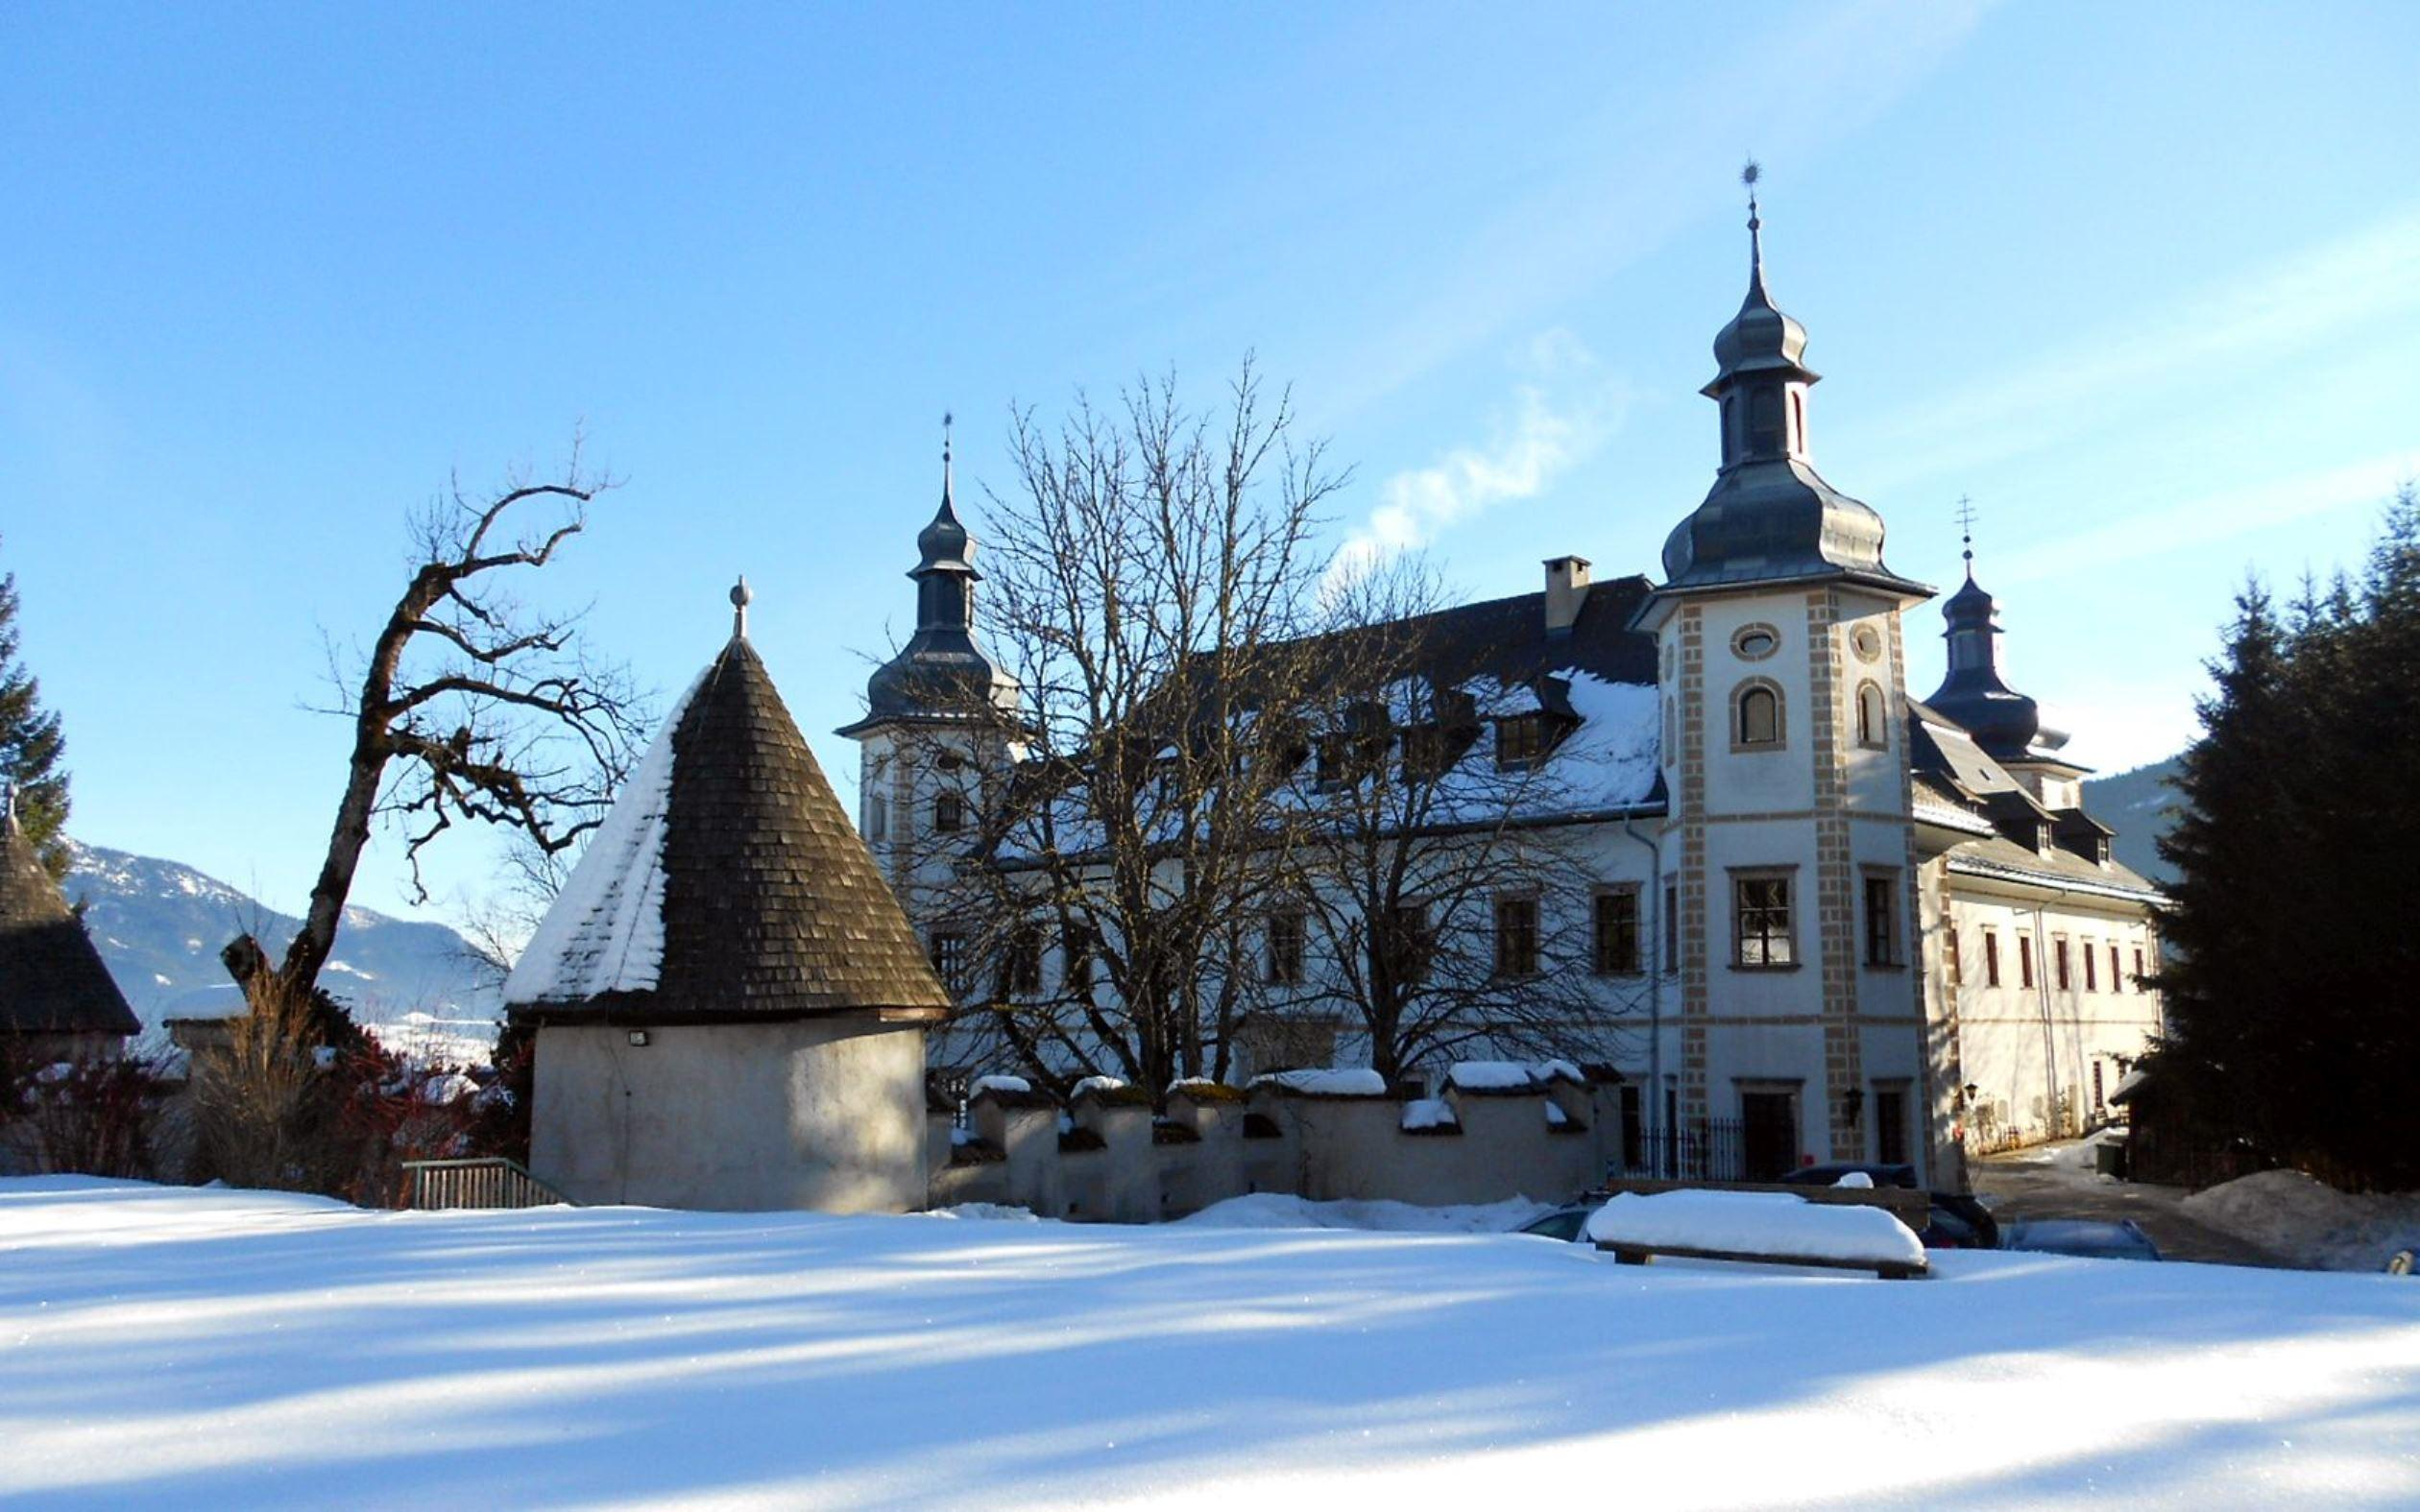 JUFA Schloss Röthelstein, Liezen